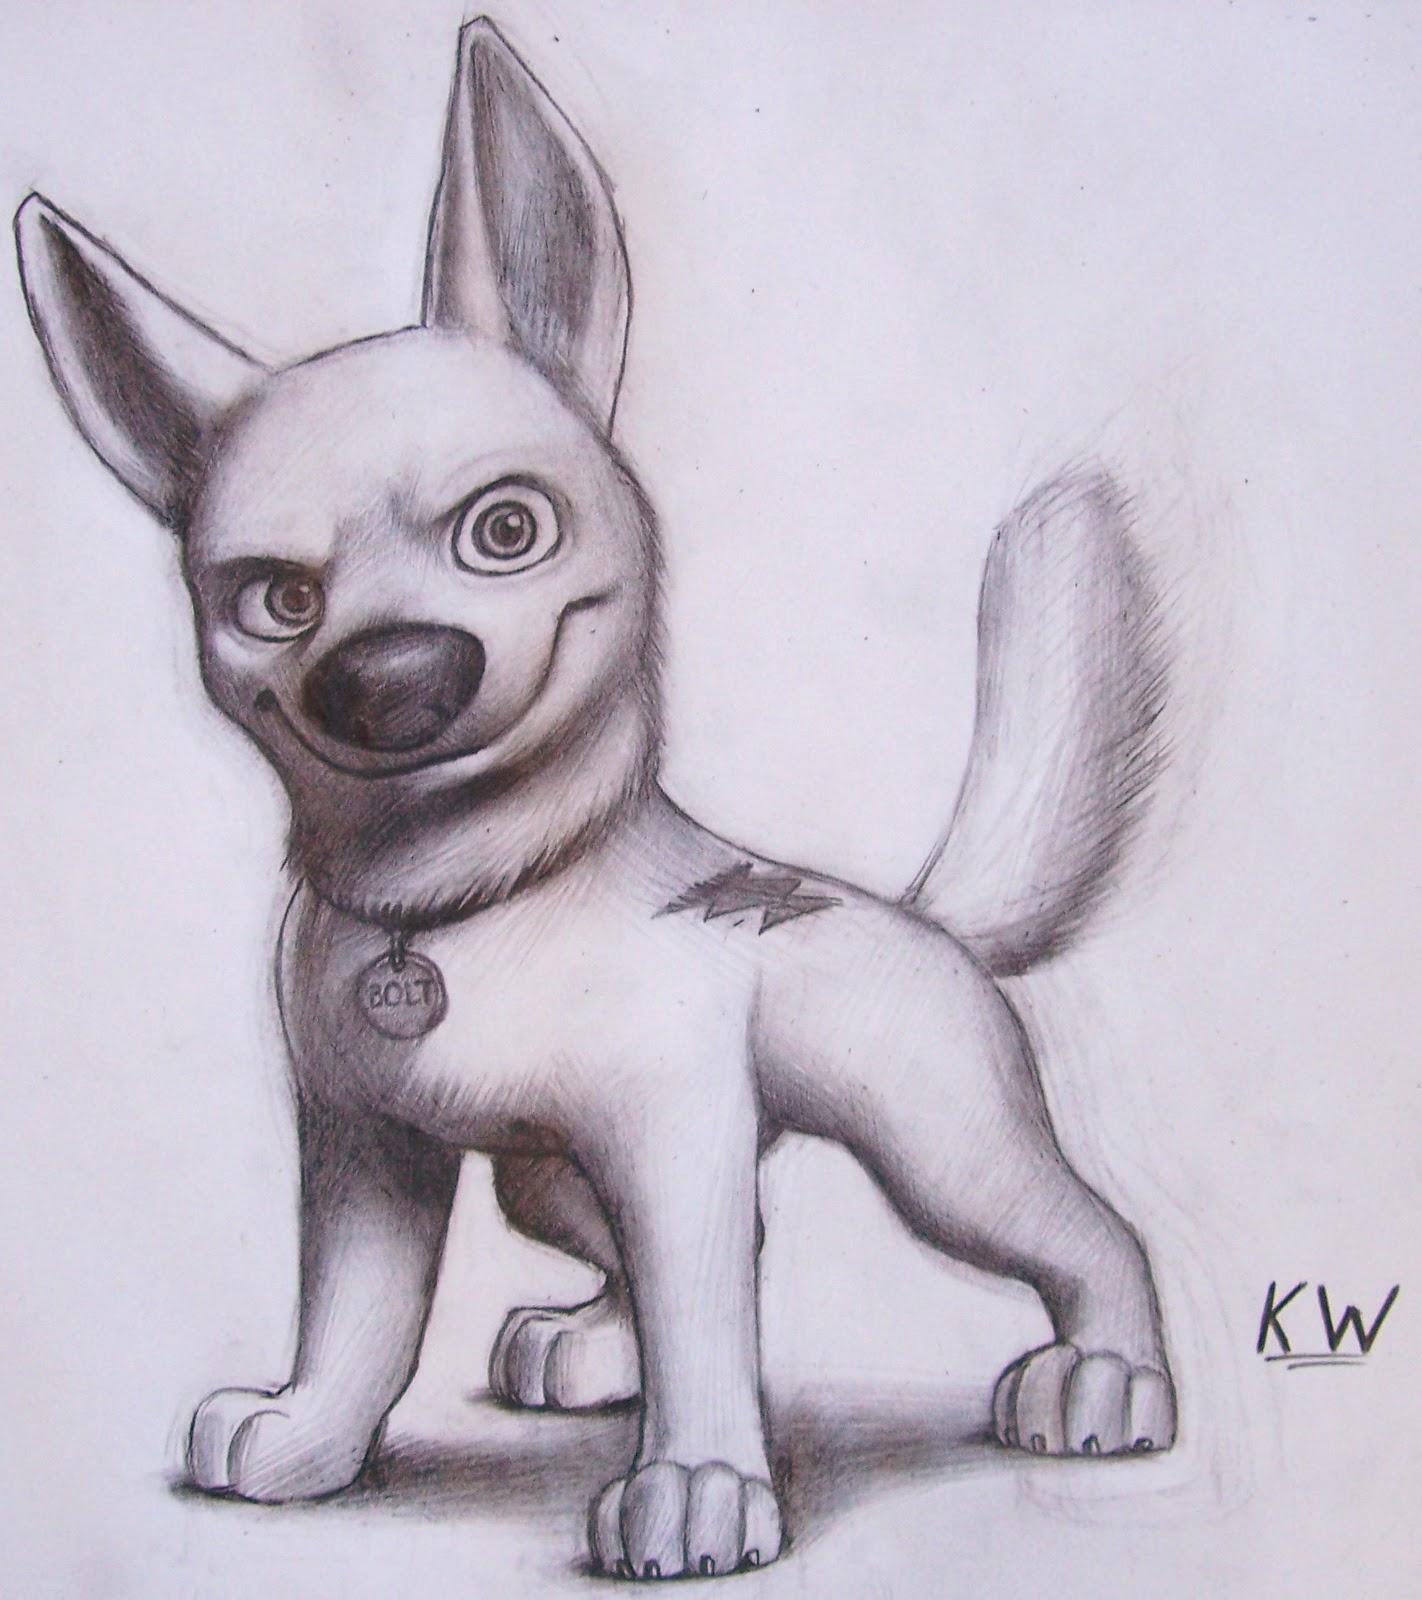 Easy Pencil Drawings: Tonal Drawings